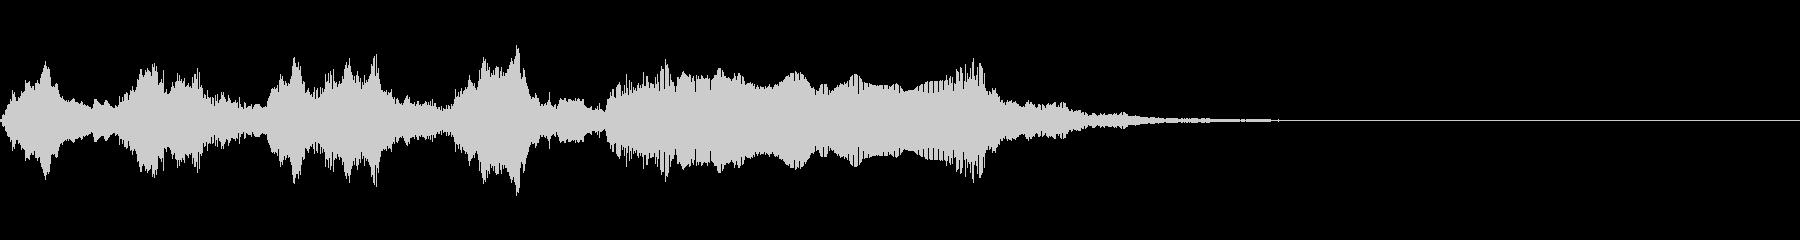 ゲームオーバー オチ ズッコケの未再生の波形